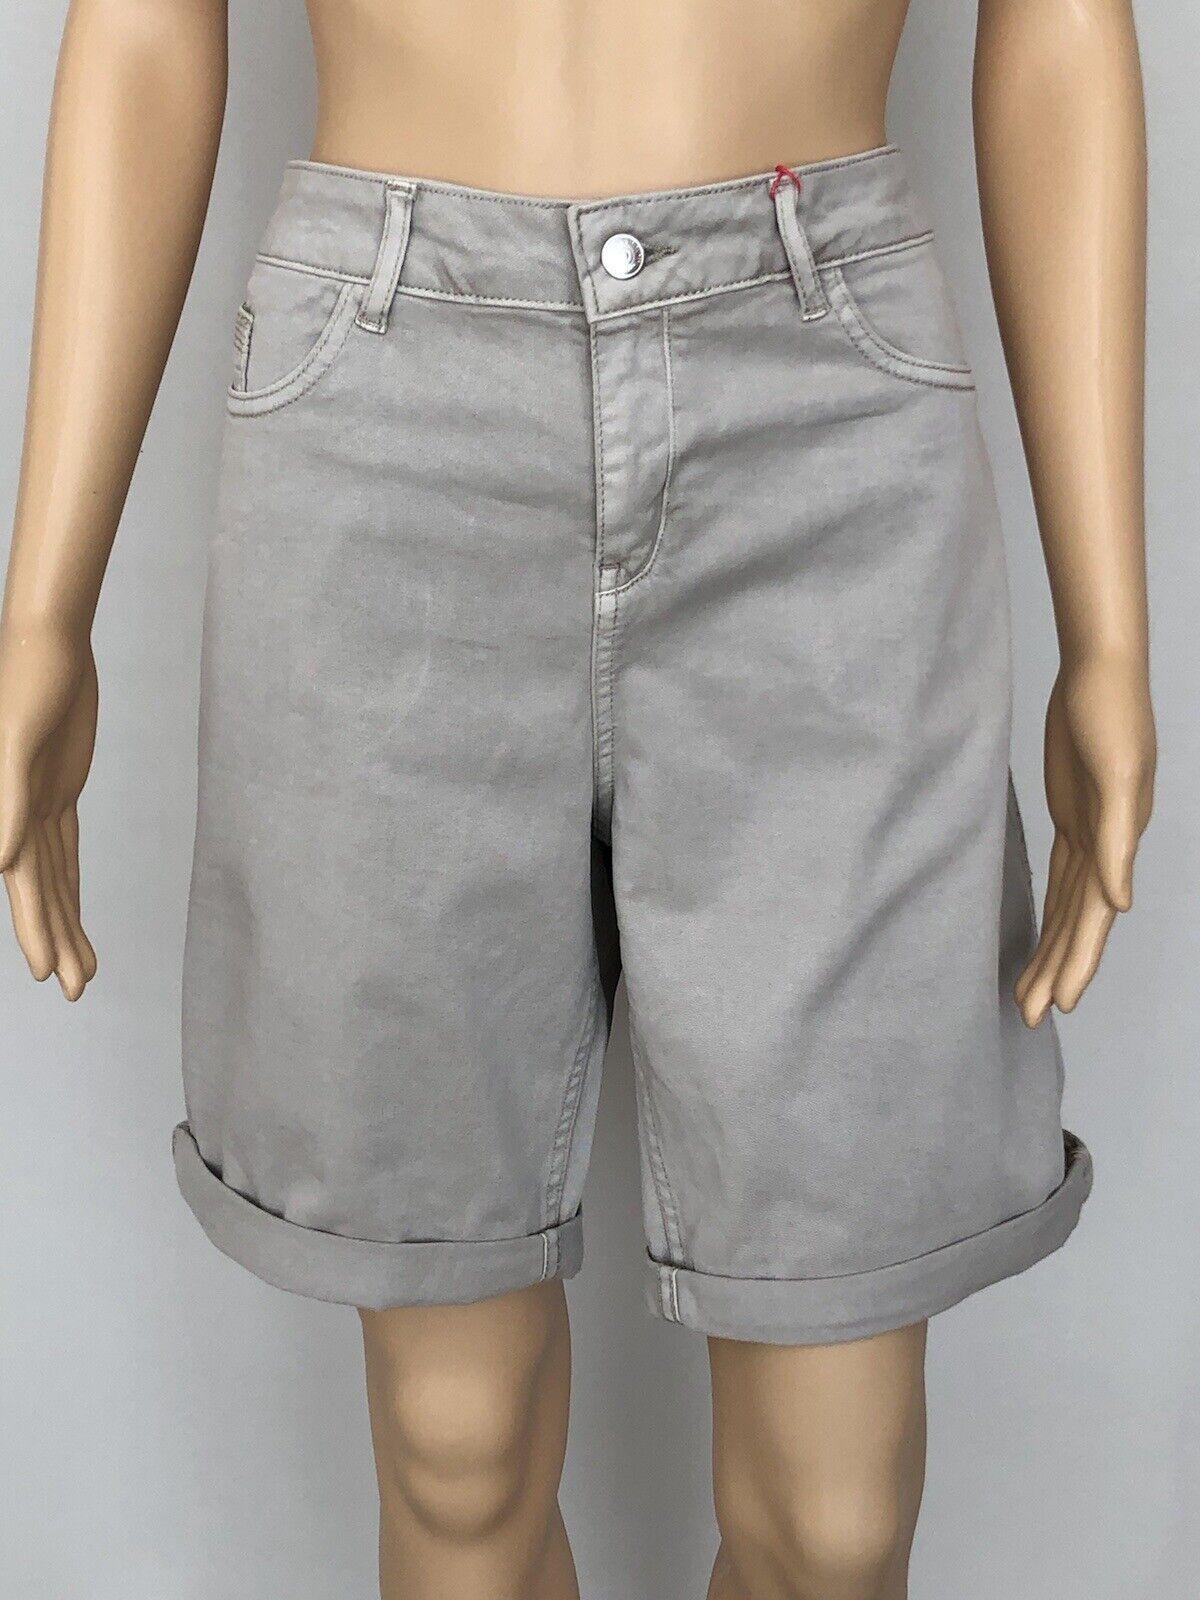 S.Oliver Jeans, Bermuda, Regular Fit,Beige,Kurze Jeans,Gr.40,Neu,OP.39.99